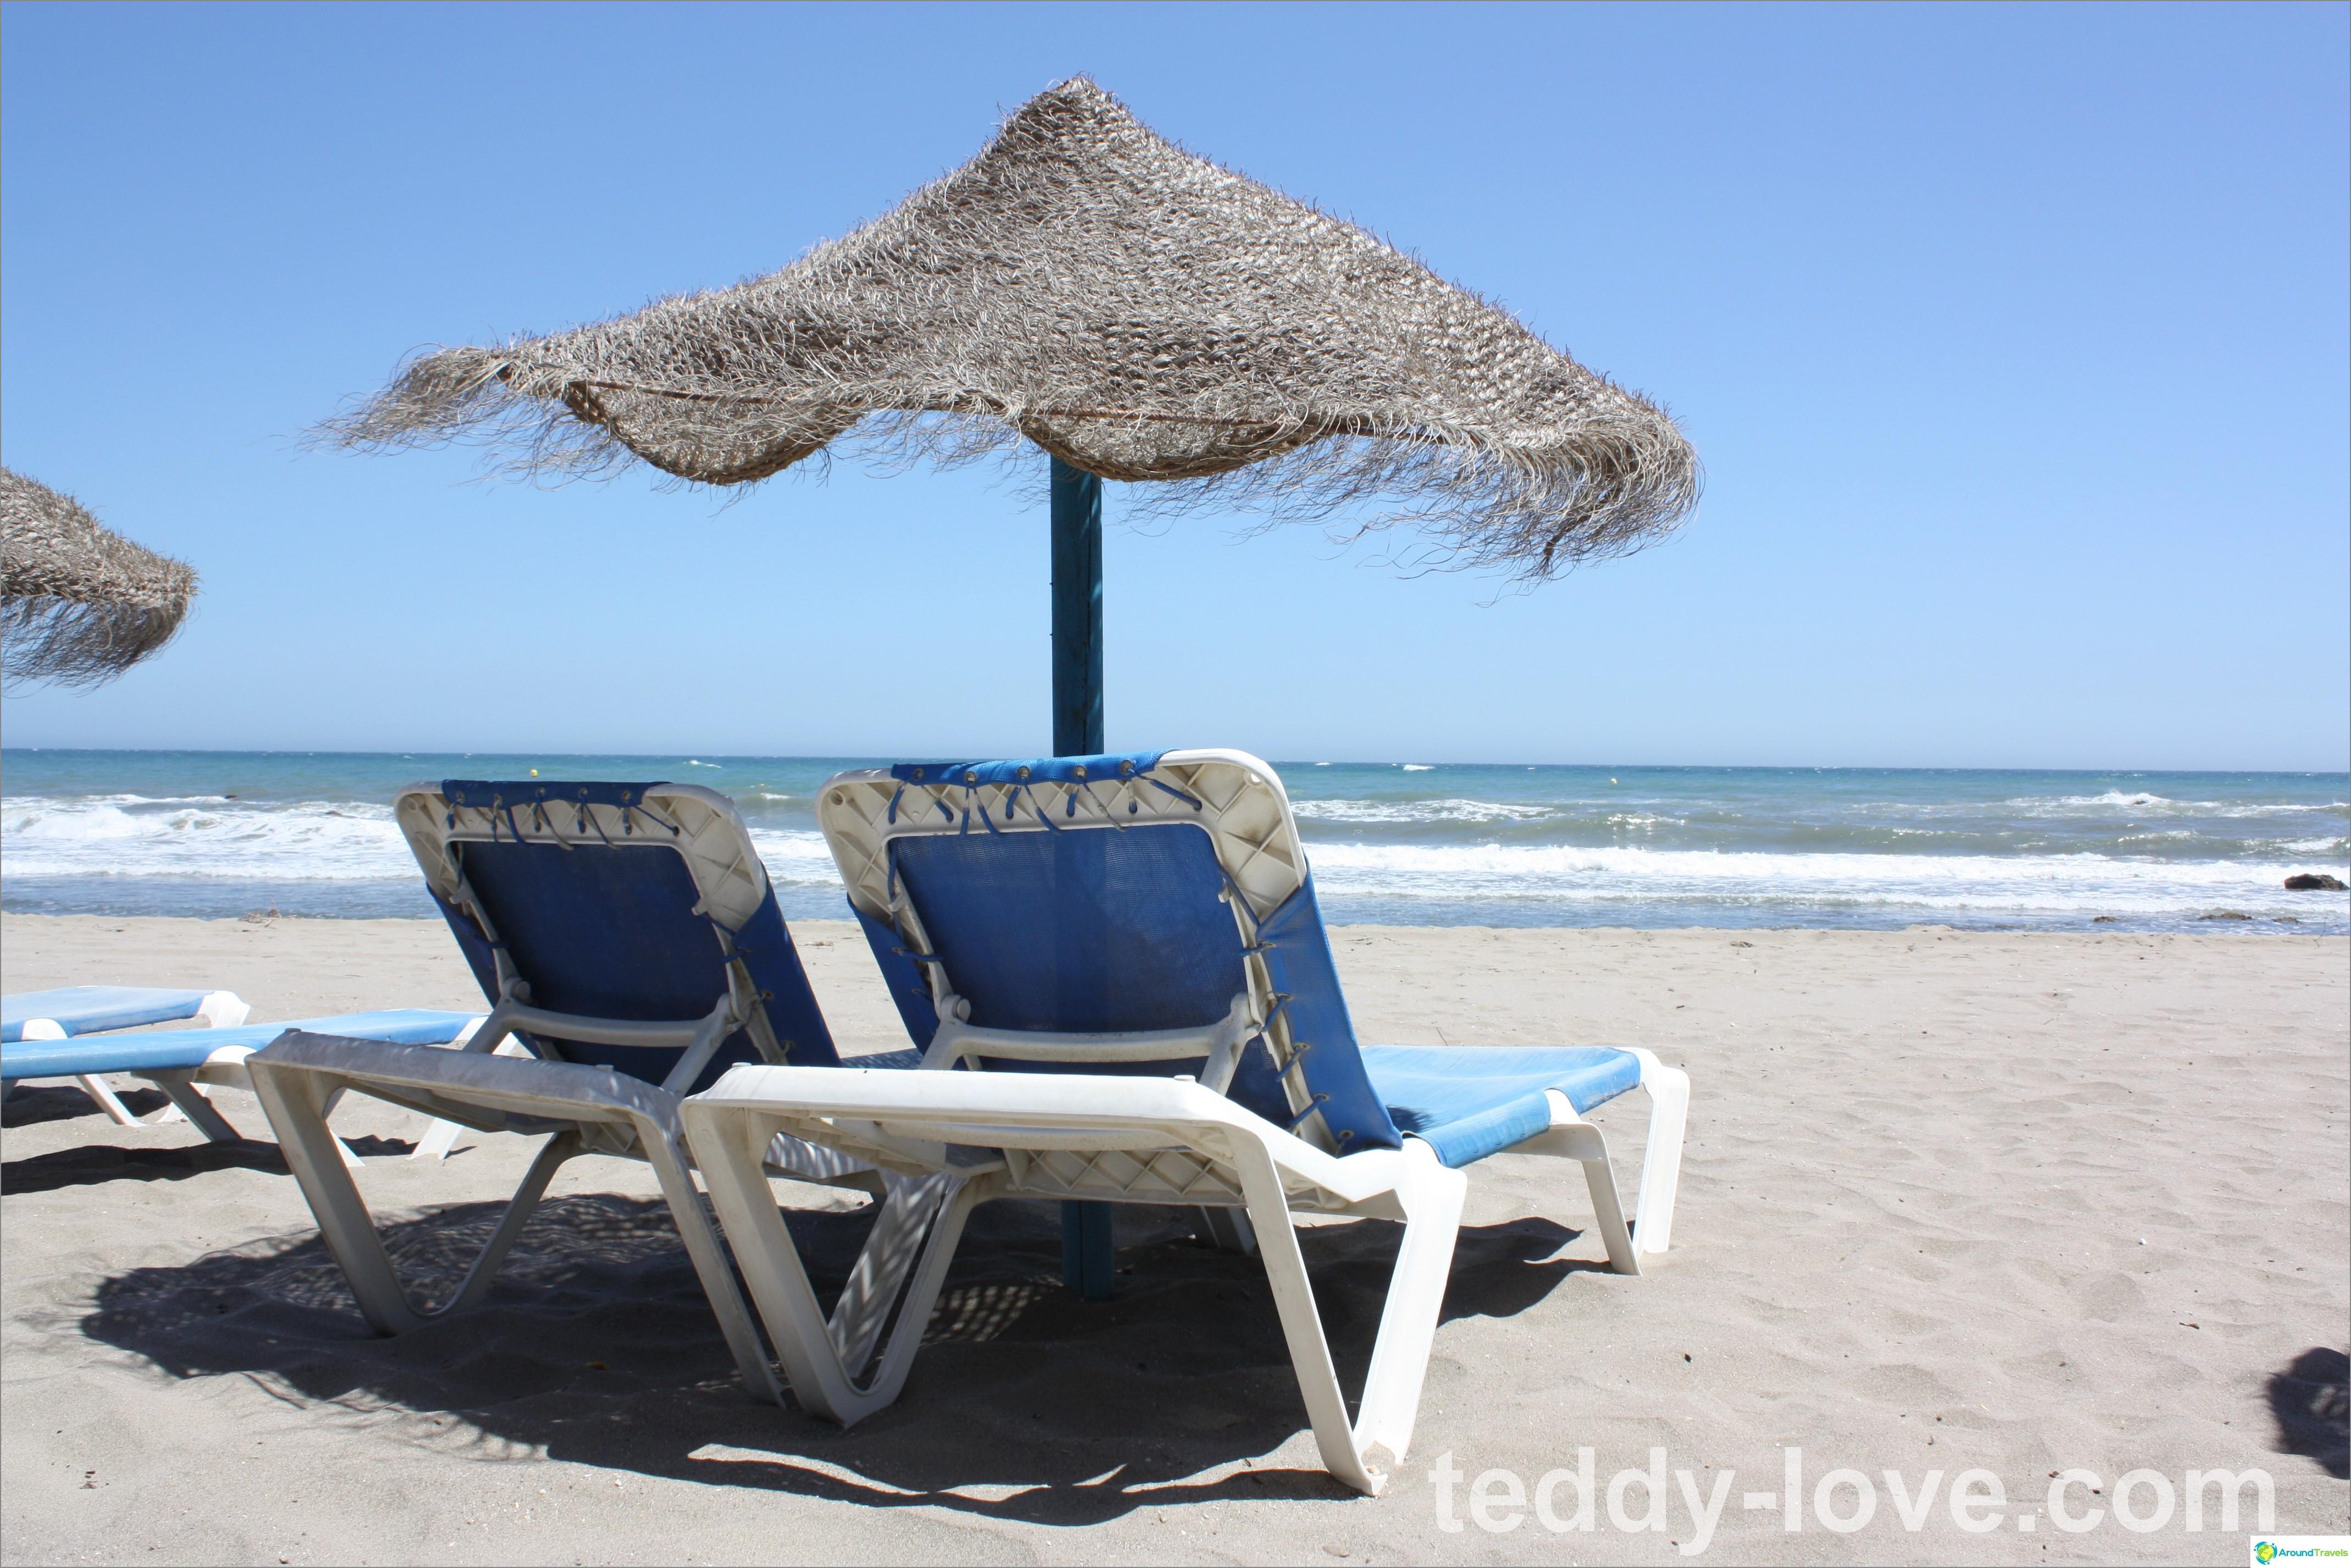 Tällainen ranta oli vieressämme. Kun ostat mehua tai muuta kahvilasta - aurinkotuoleja ilmaiseksi. Ostimme kuitenkin sateenvarjoja, päiväpeitteitä ja aurinkotuoleja enimmäkseen vain hiekkaan